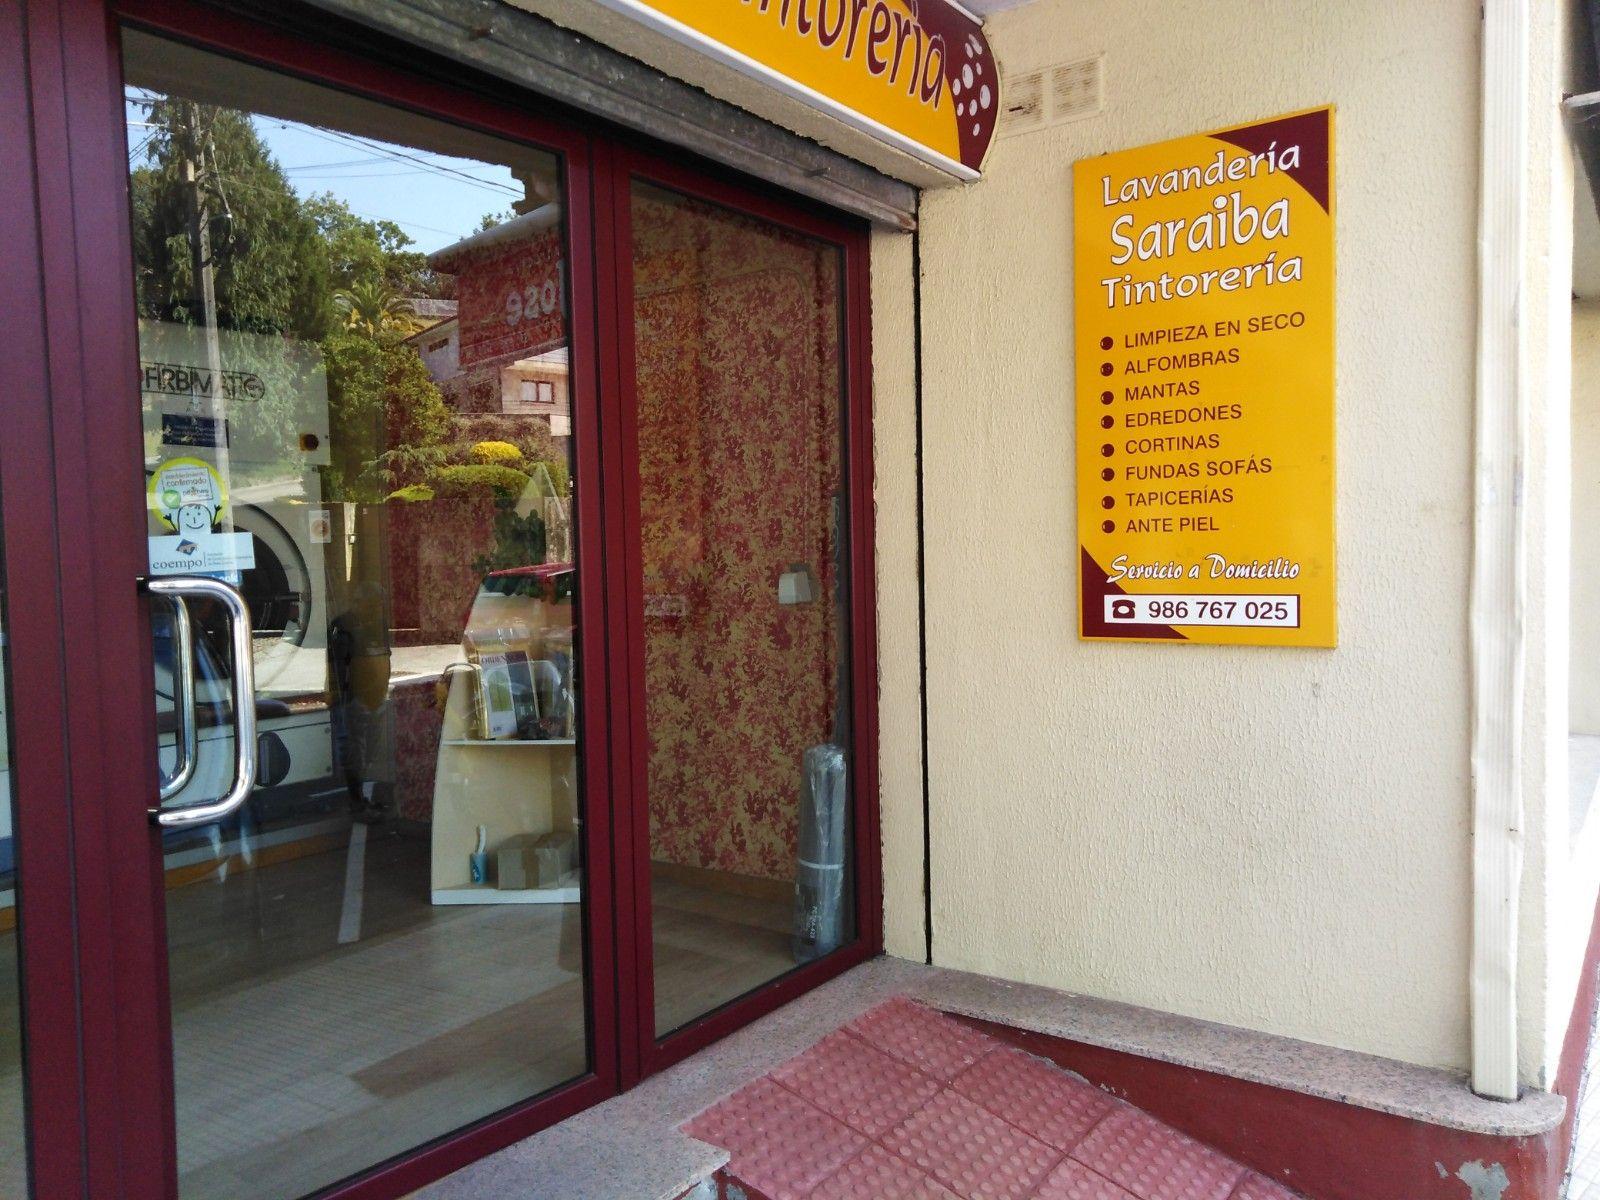 Tintorería a domicilio en Pontevedra